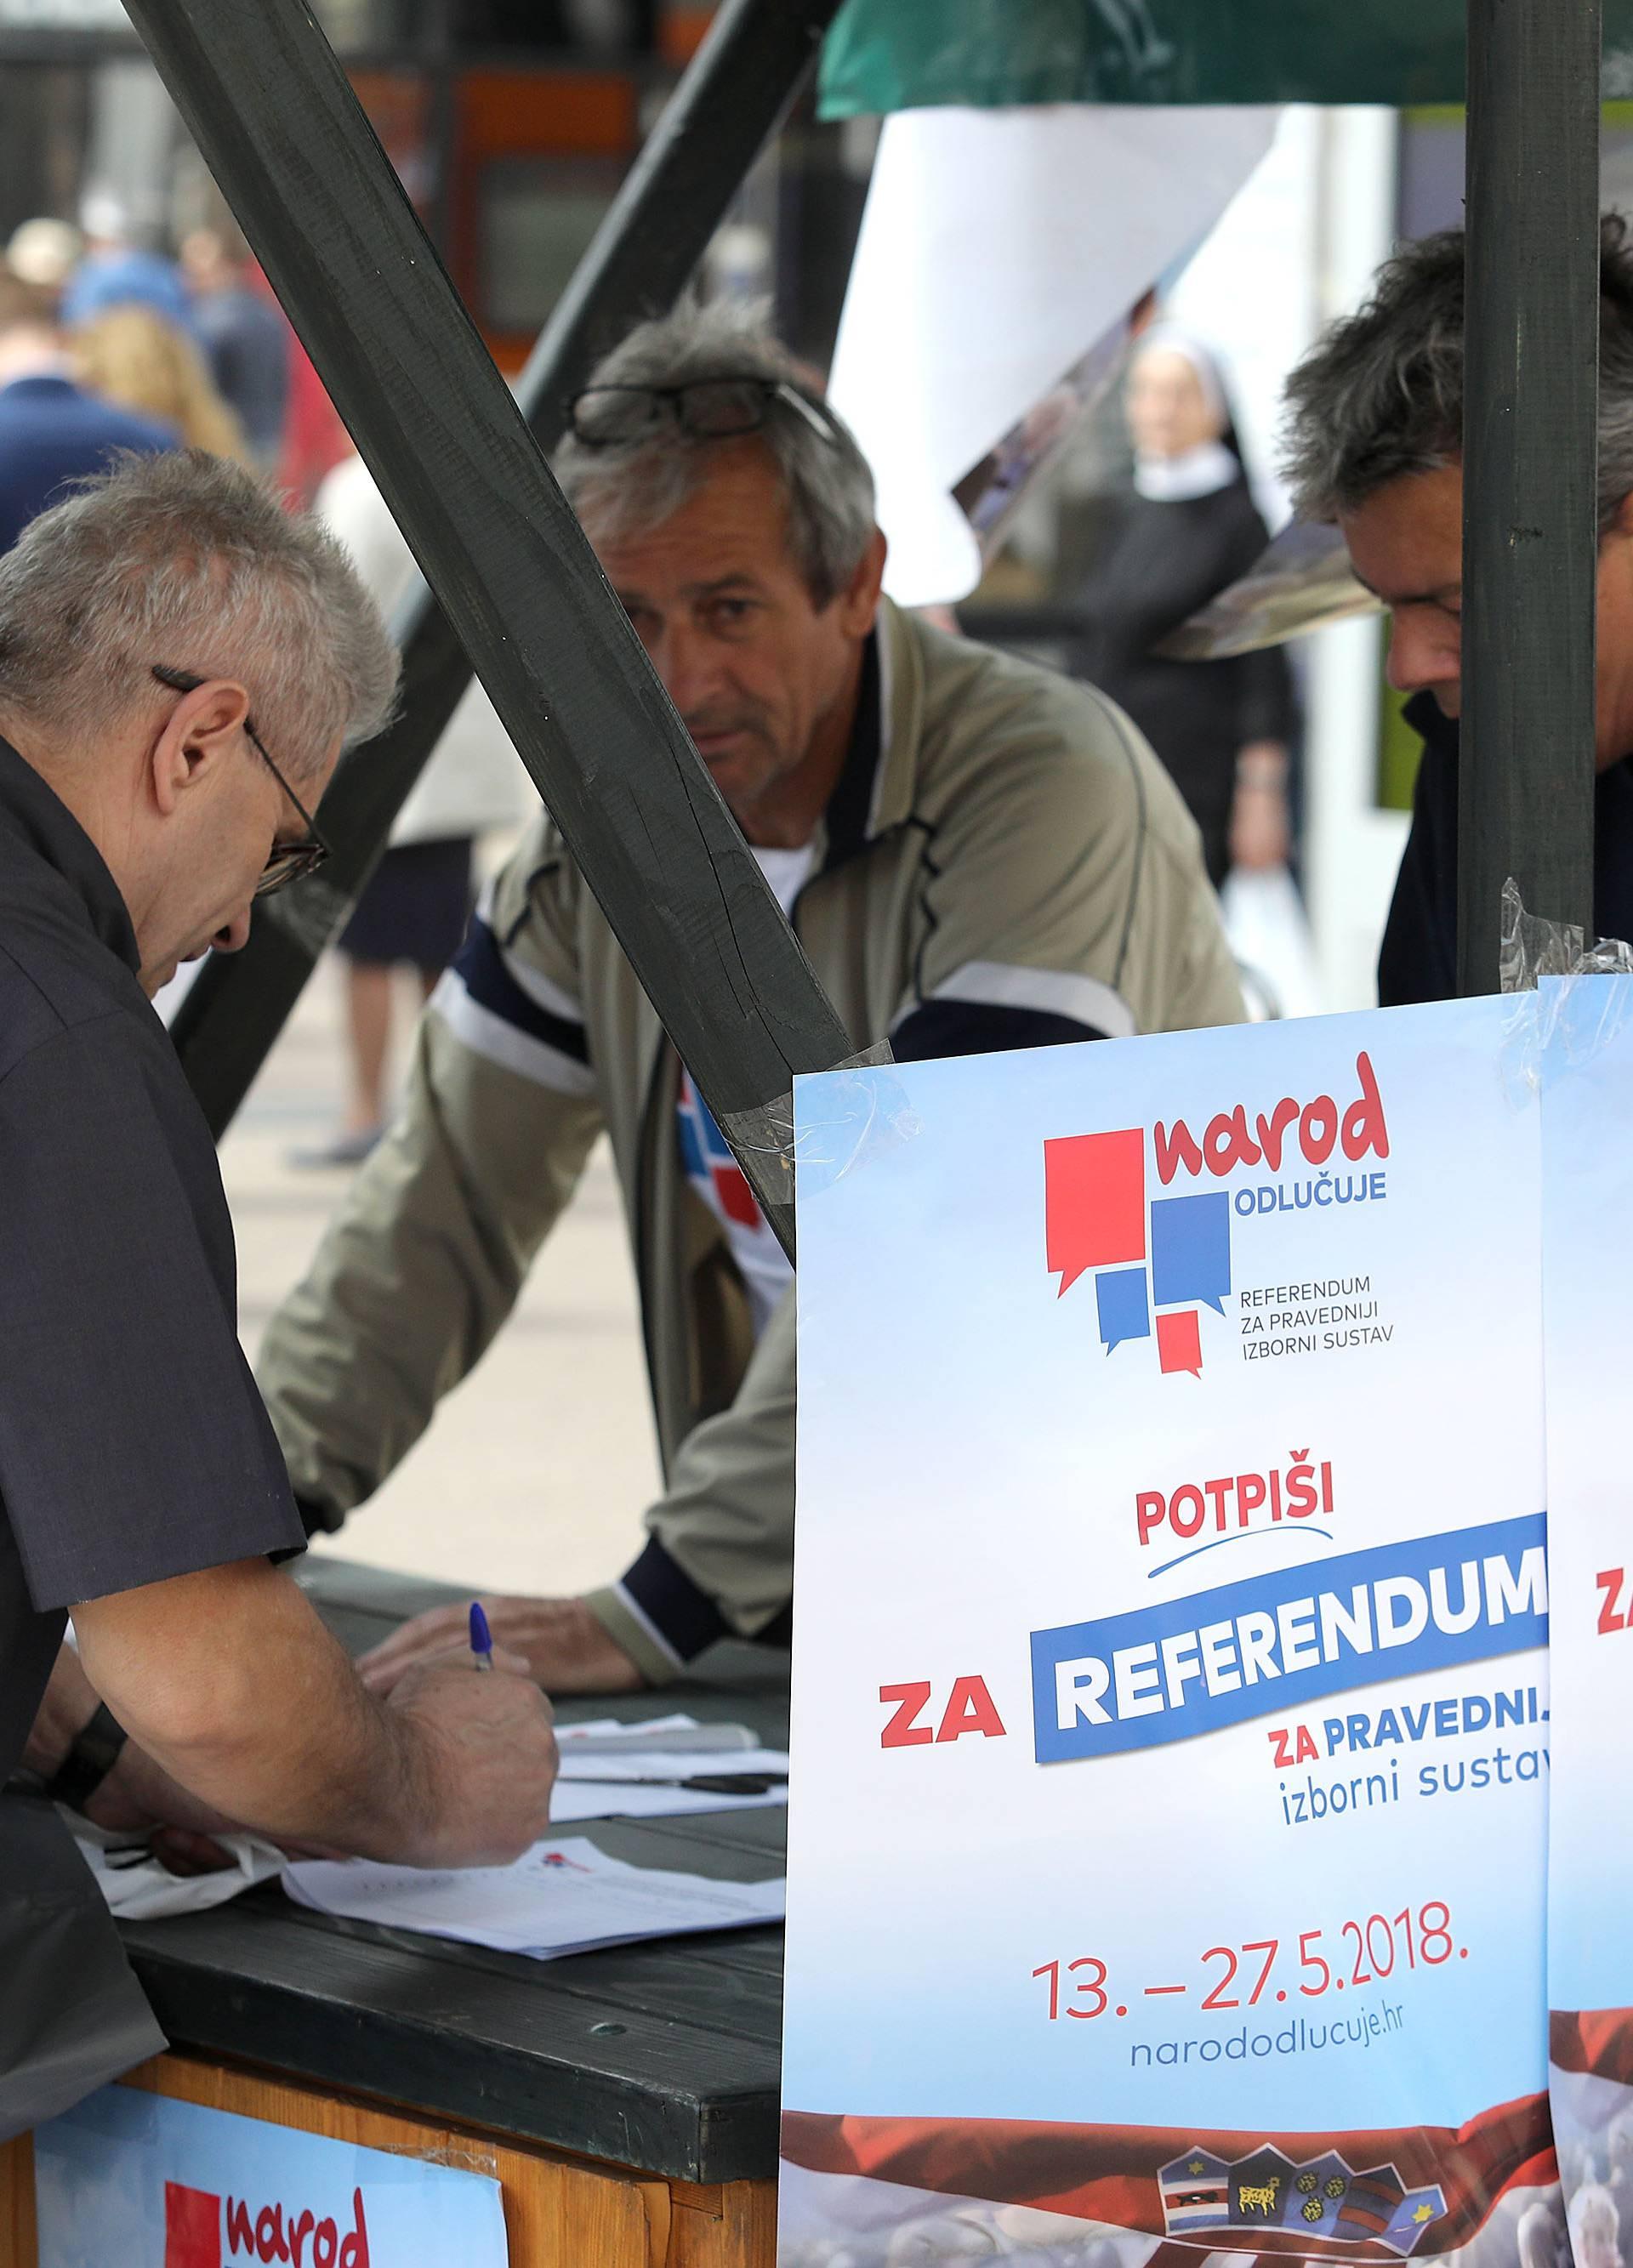 Građanske inicijative pokazuju koliko je Hrvatska izgubljena